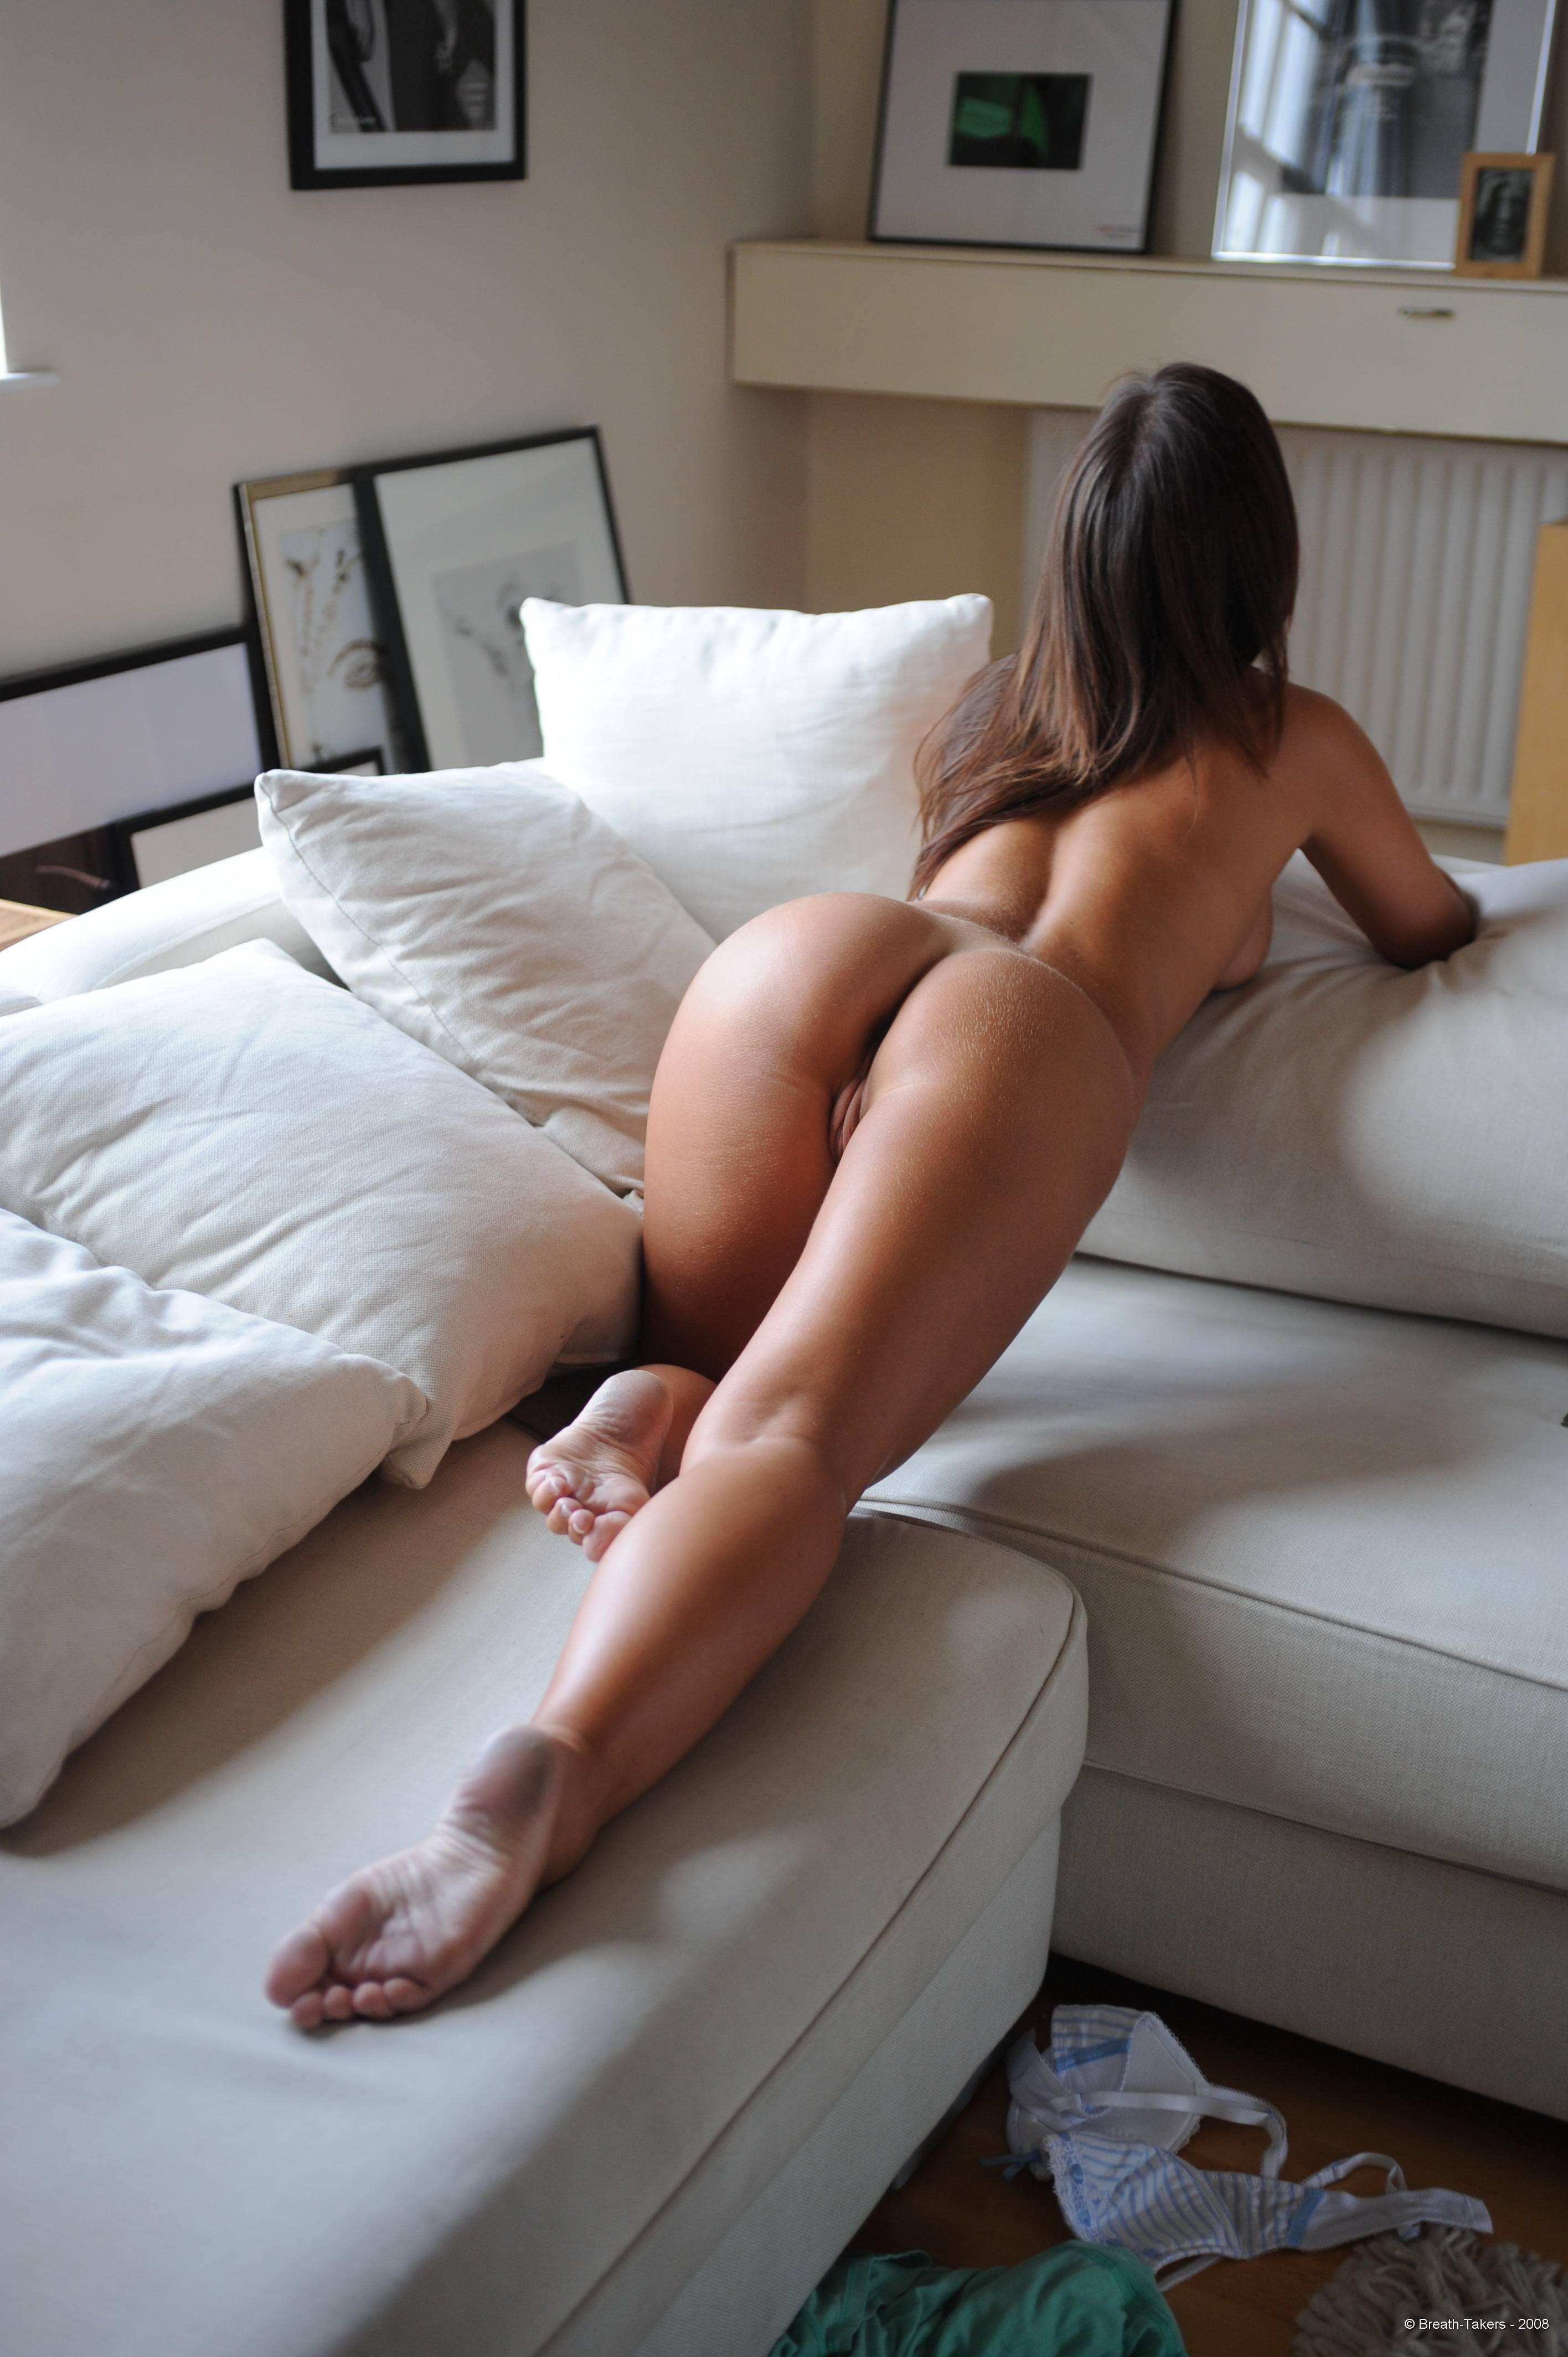 ass-nude-girls-buttocks-mix-vol6-59